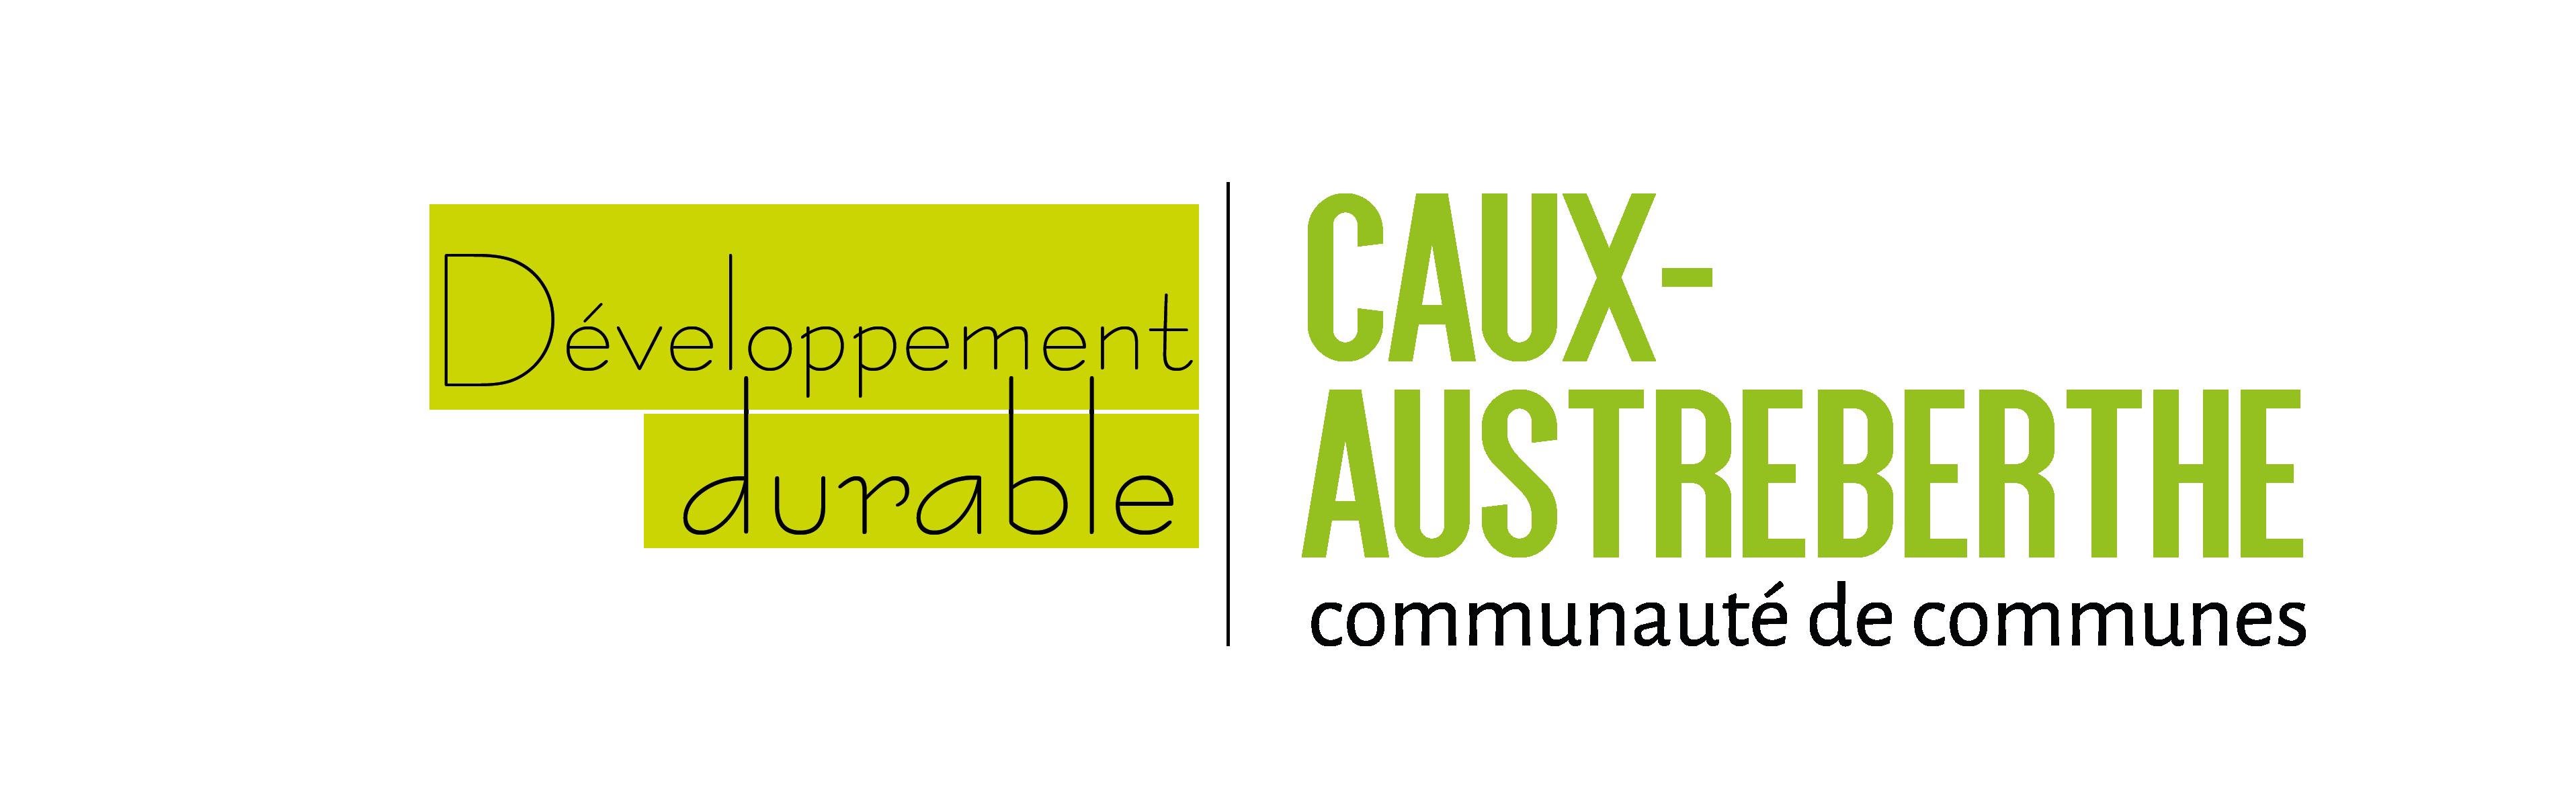 titres_thématiques_Caux-asutreberthe_dev_durable